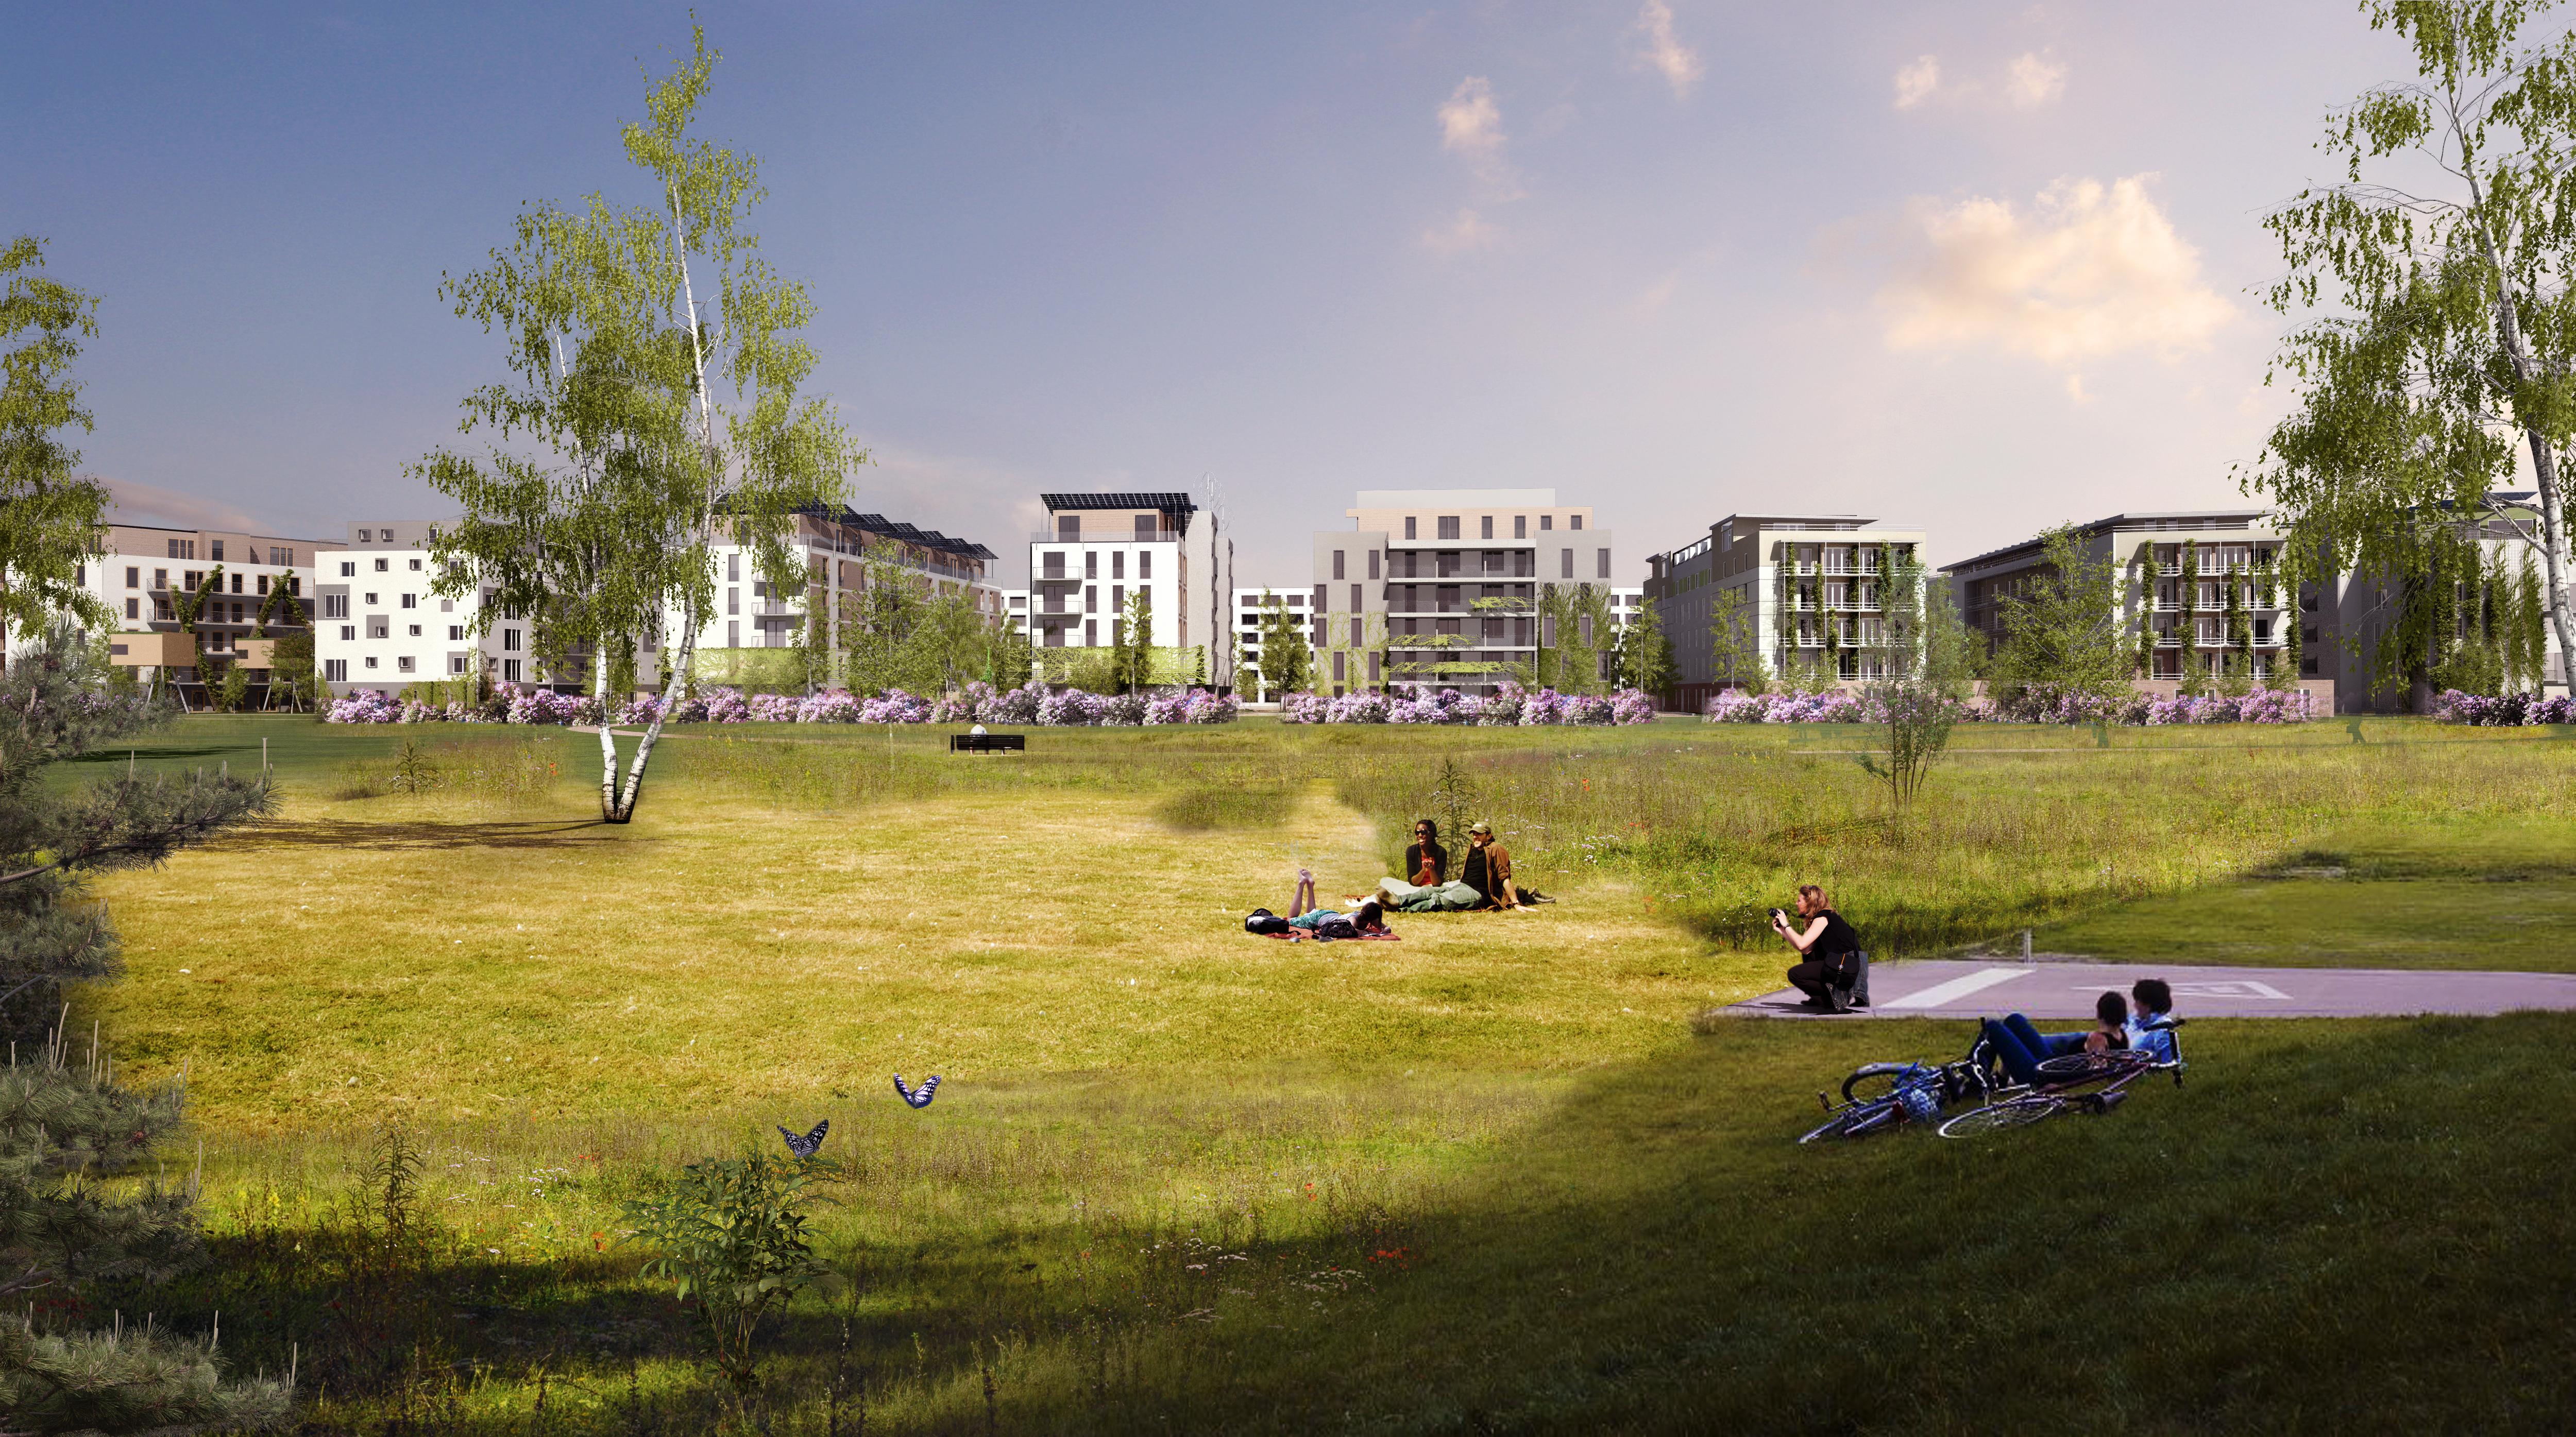 Schöne, neue Welt: Günstig wohnen am Rande des neuen Gleisdreieck-Parks, das sollte so einfach sein